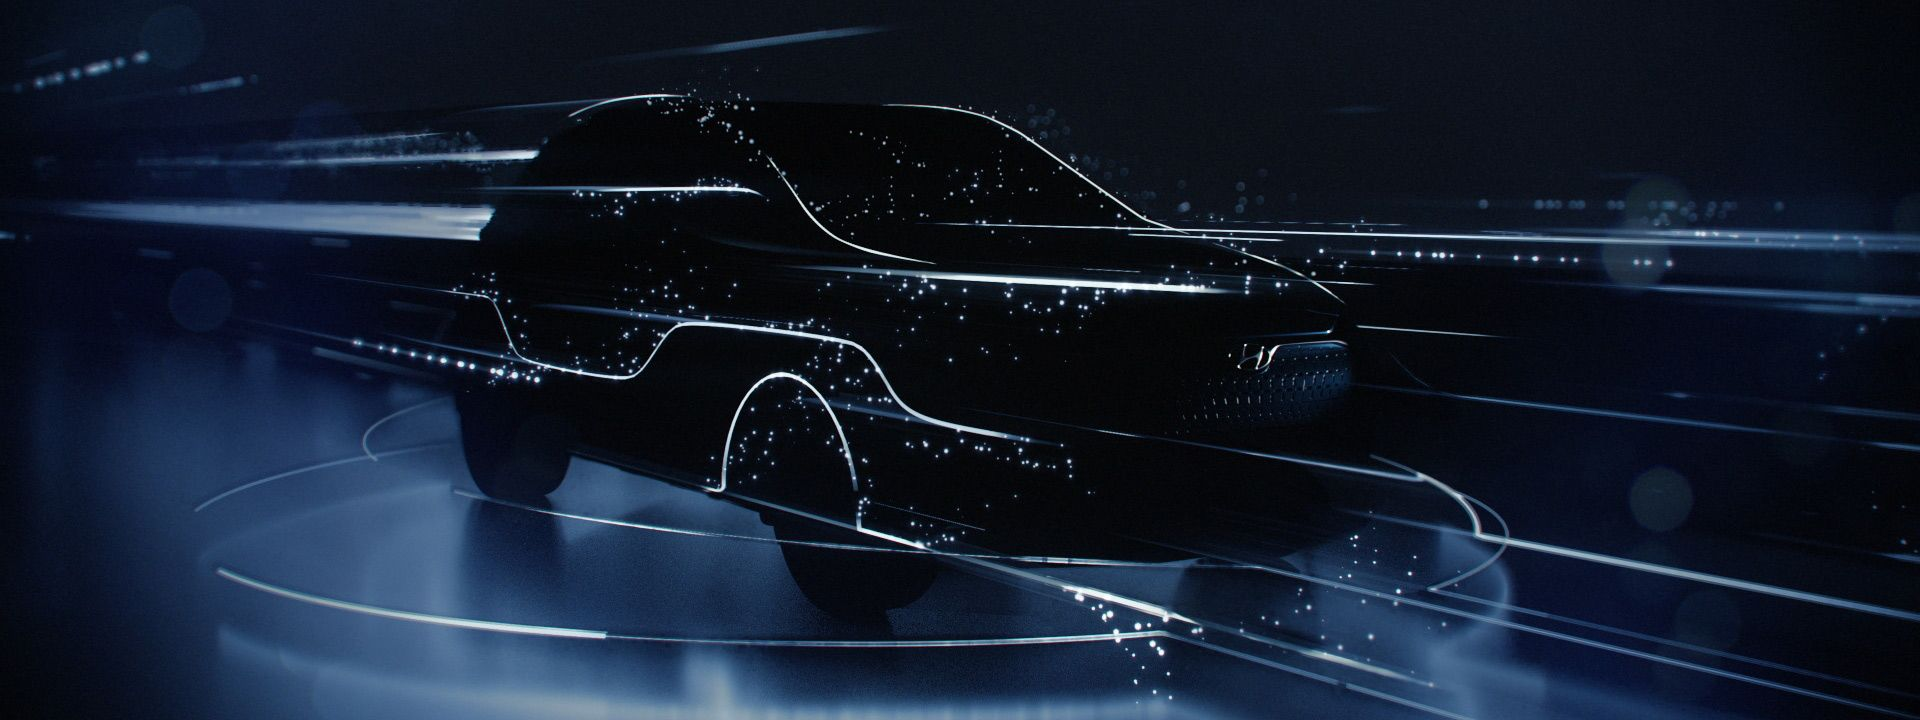 Un coche sin concesiones: El Nuevo Hyundai KONA Eléctrico